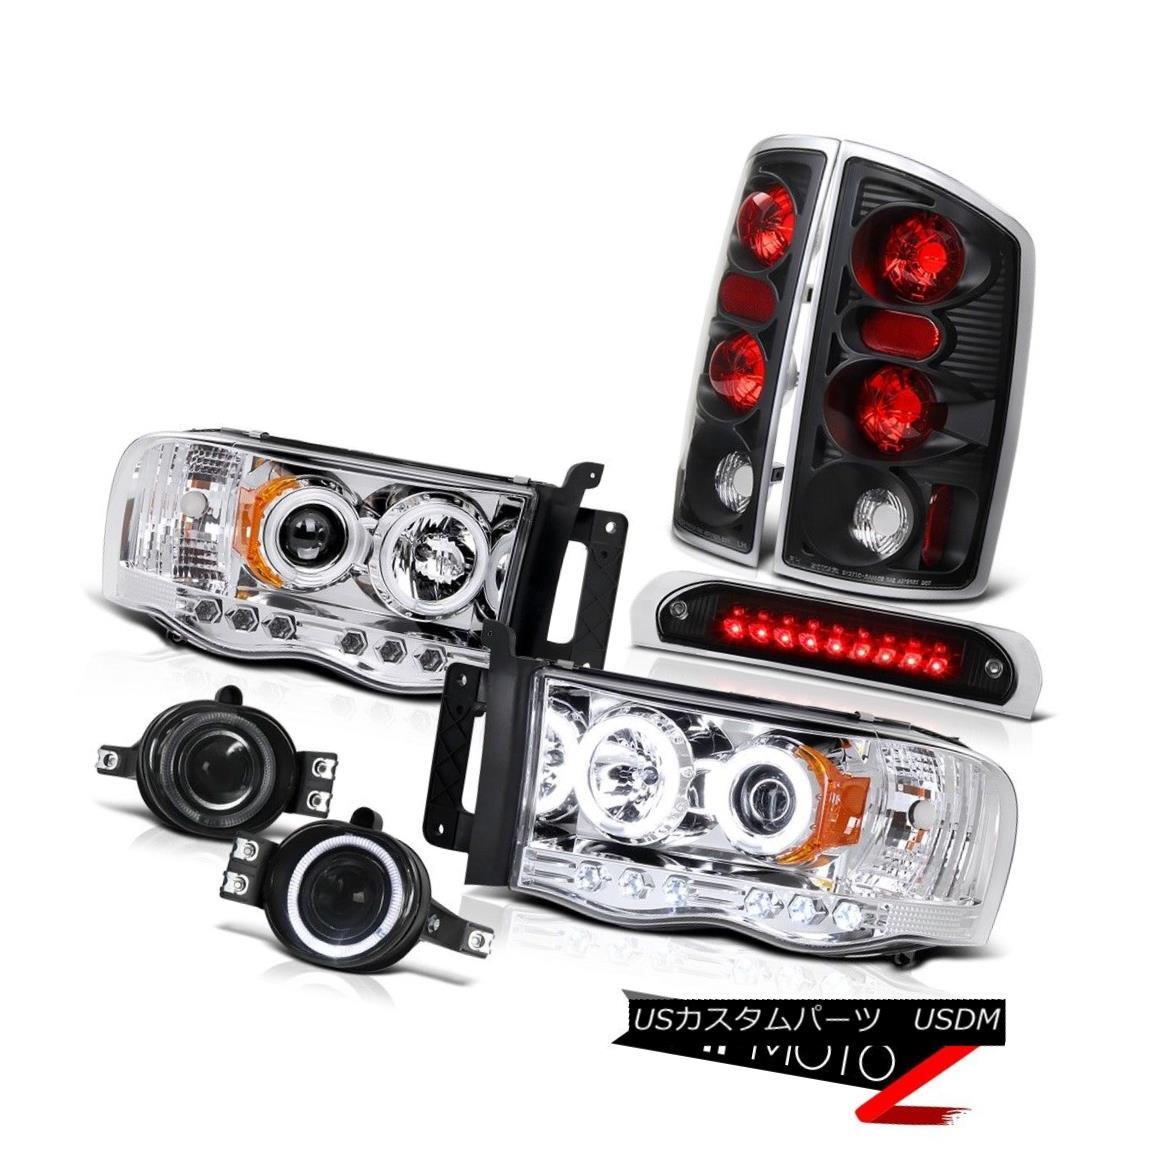 テールライト [BRIGHTEST] CCFL Headlights Tail Brake Lights Bumper Fog 3rd L.E.D 02-05 Ram WS [明るい] CCFLヘッドライトテールブレーキライトバンパーフォグ3rd L.E.D 02-05 Ram WS